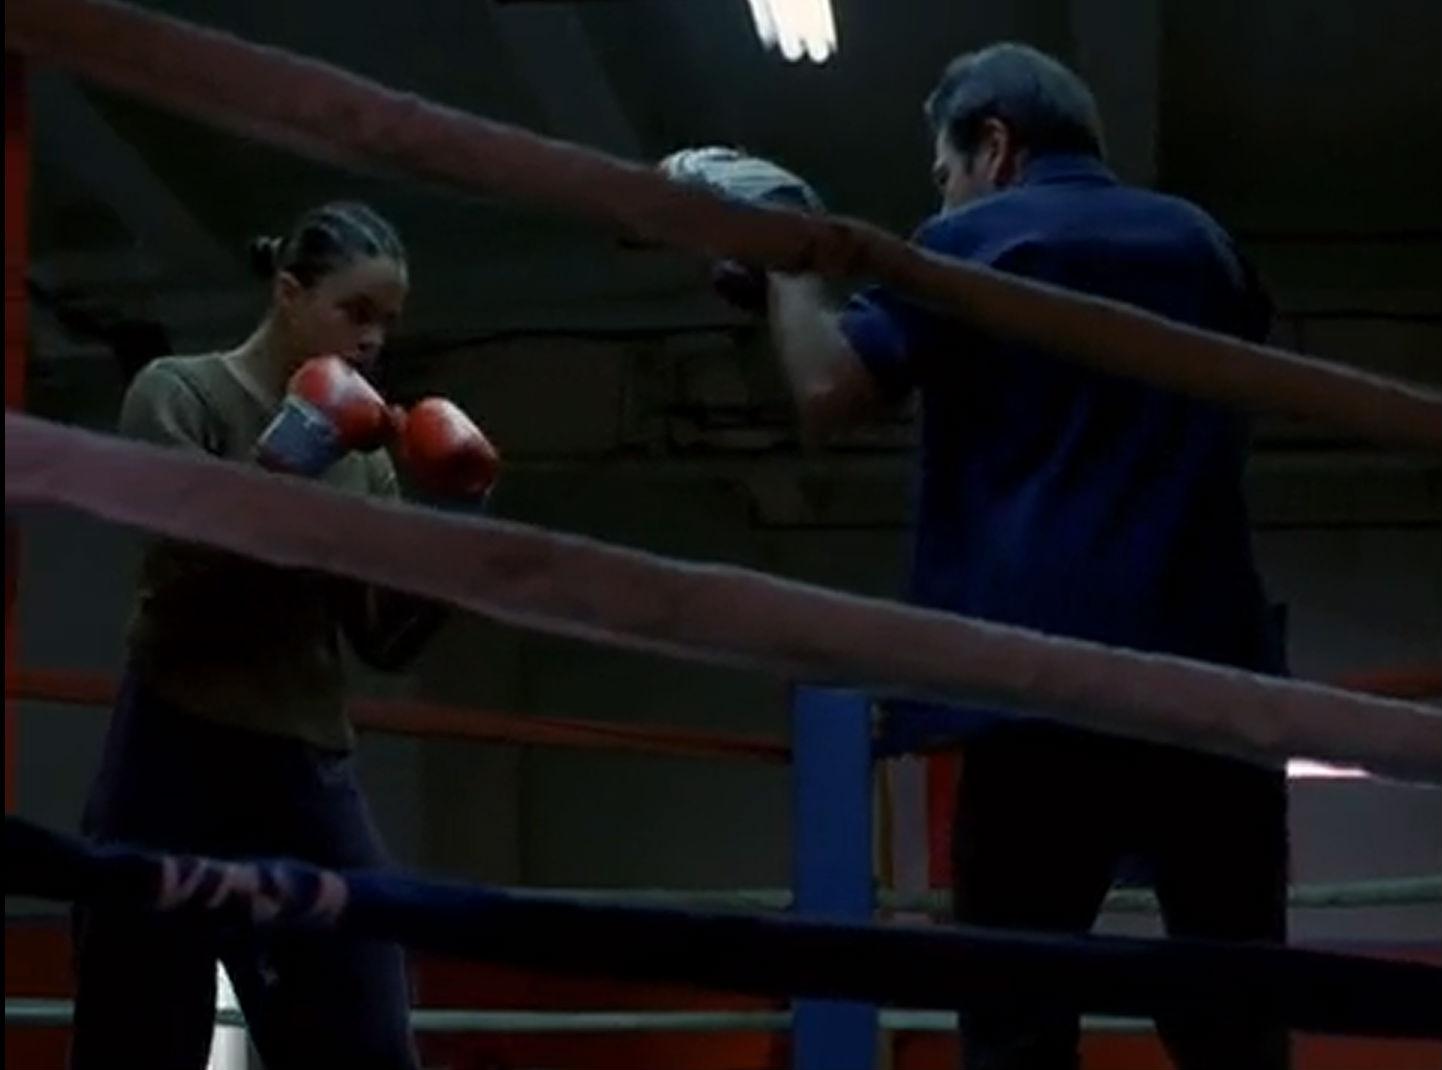 Смотреть кинофильм онлайн Женский бой / Girlfight Драма 2000 Мишель Родригес в хорошем качестве